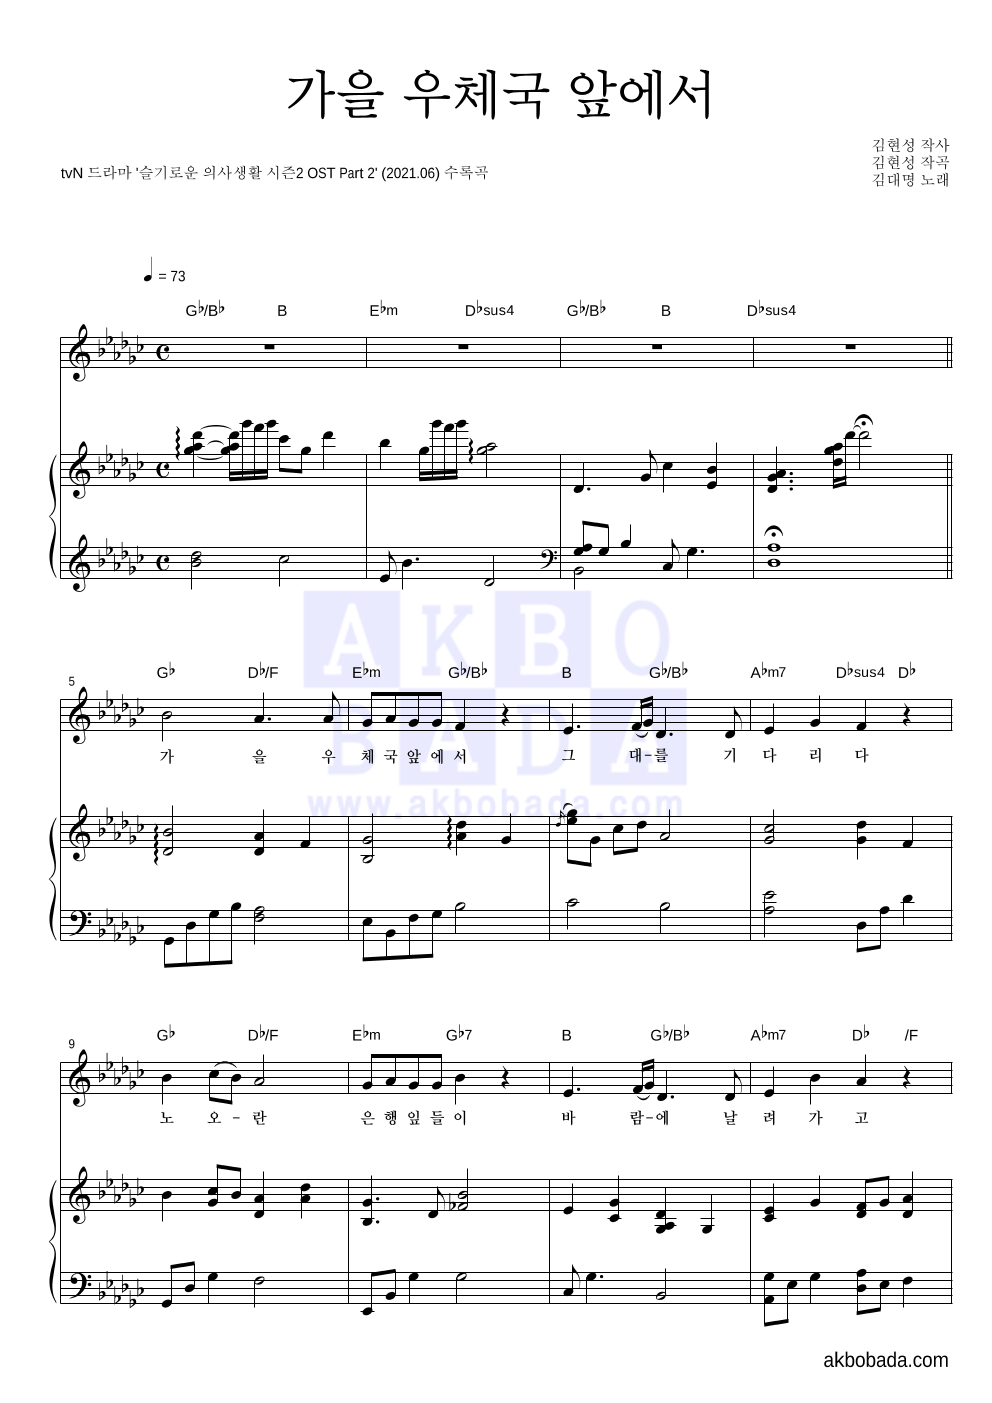 김대명 - 가을 우체국 앞에서 피아노 3단 악보